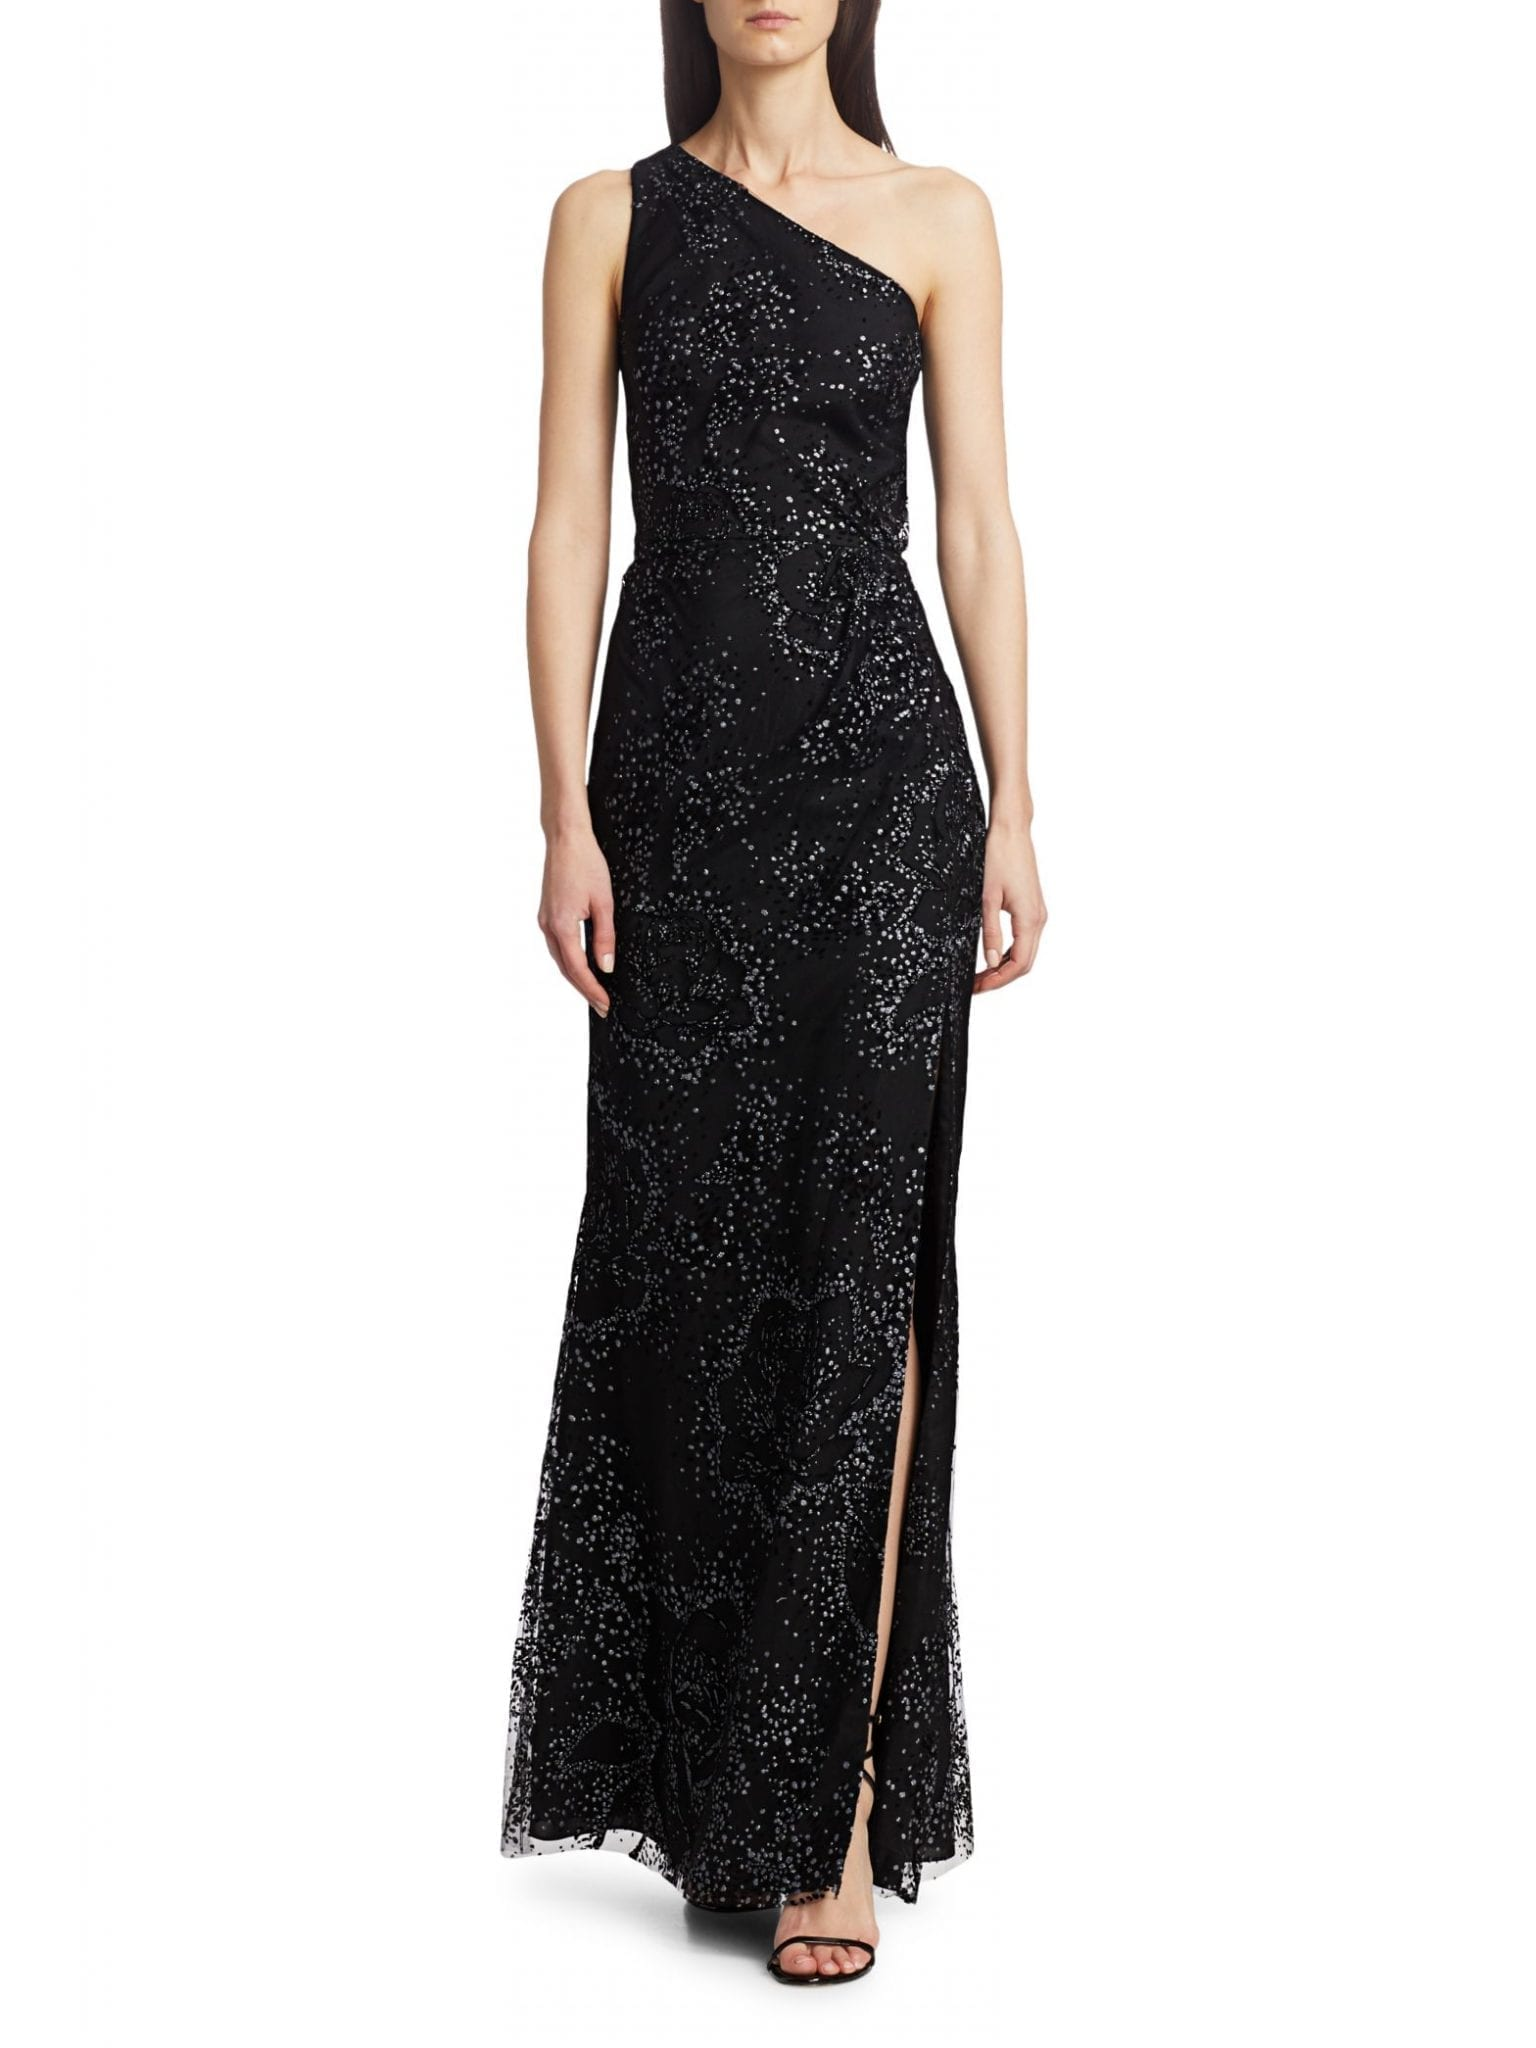 MARCHESA NOTTE Embellished One-Shoulder Gown